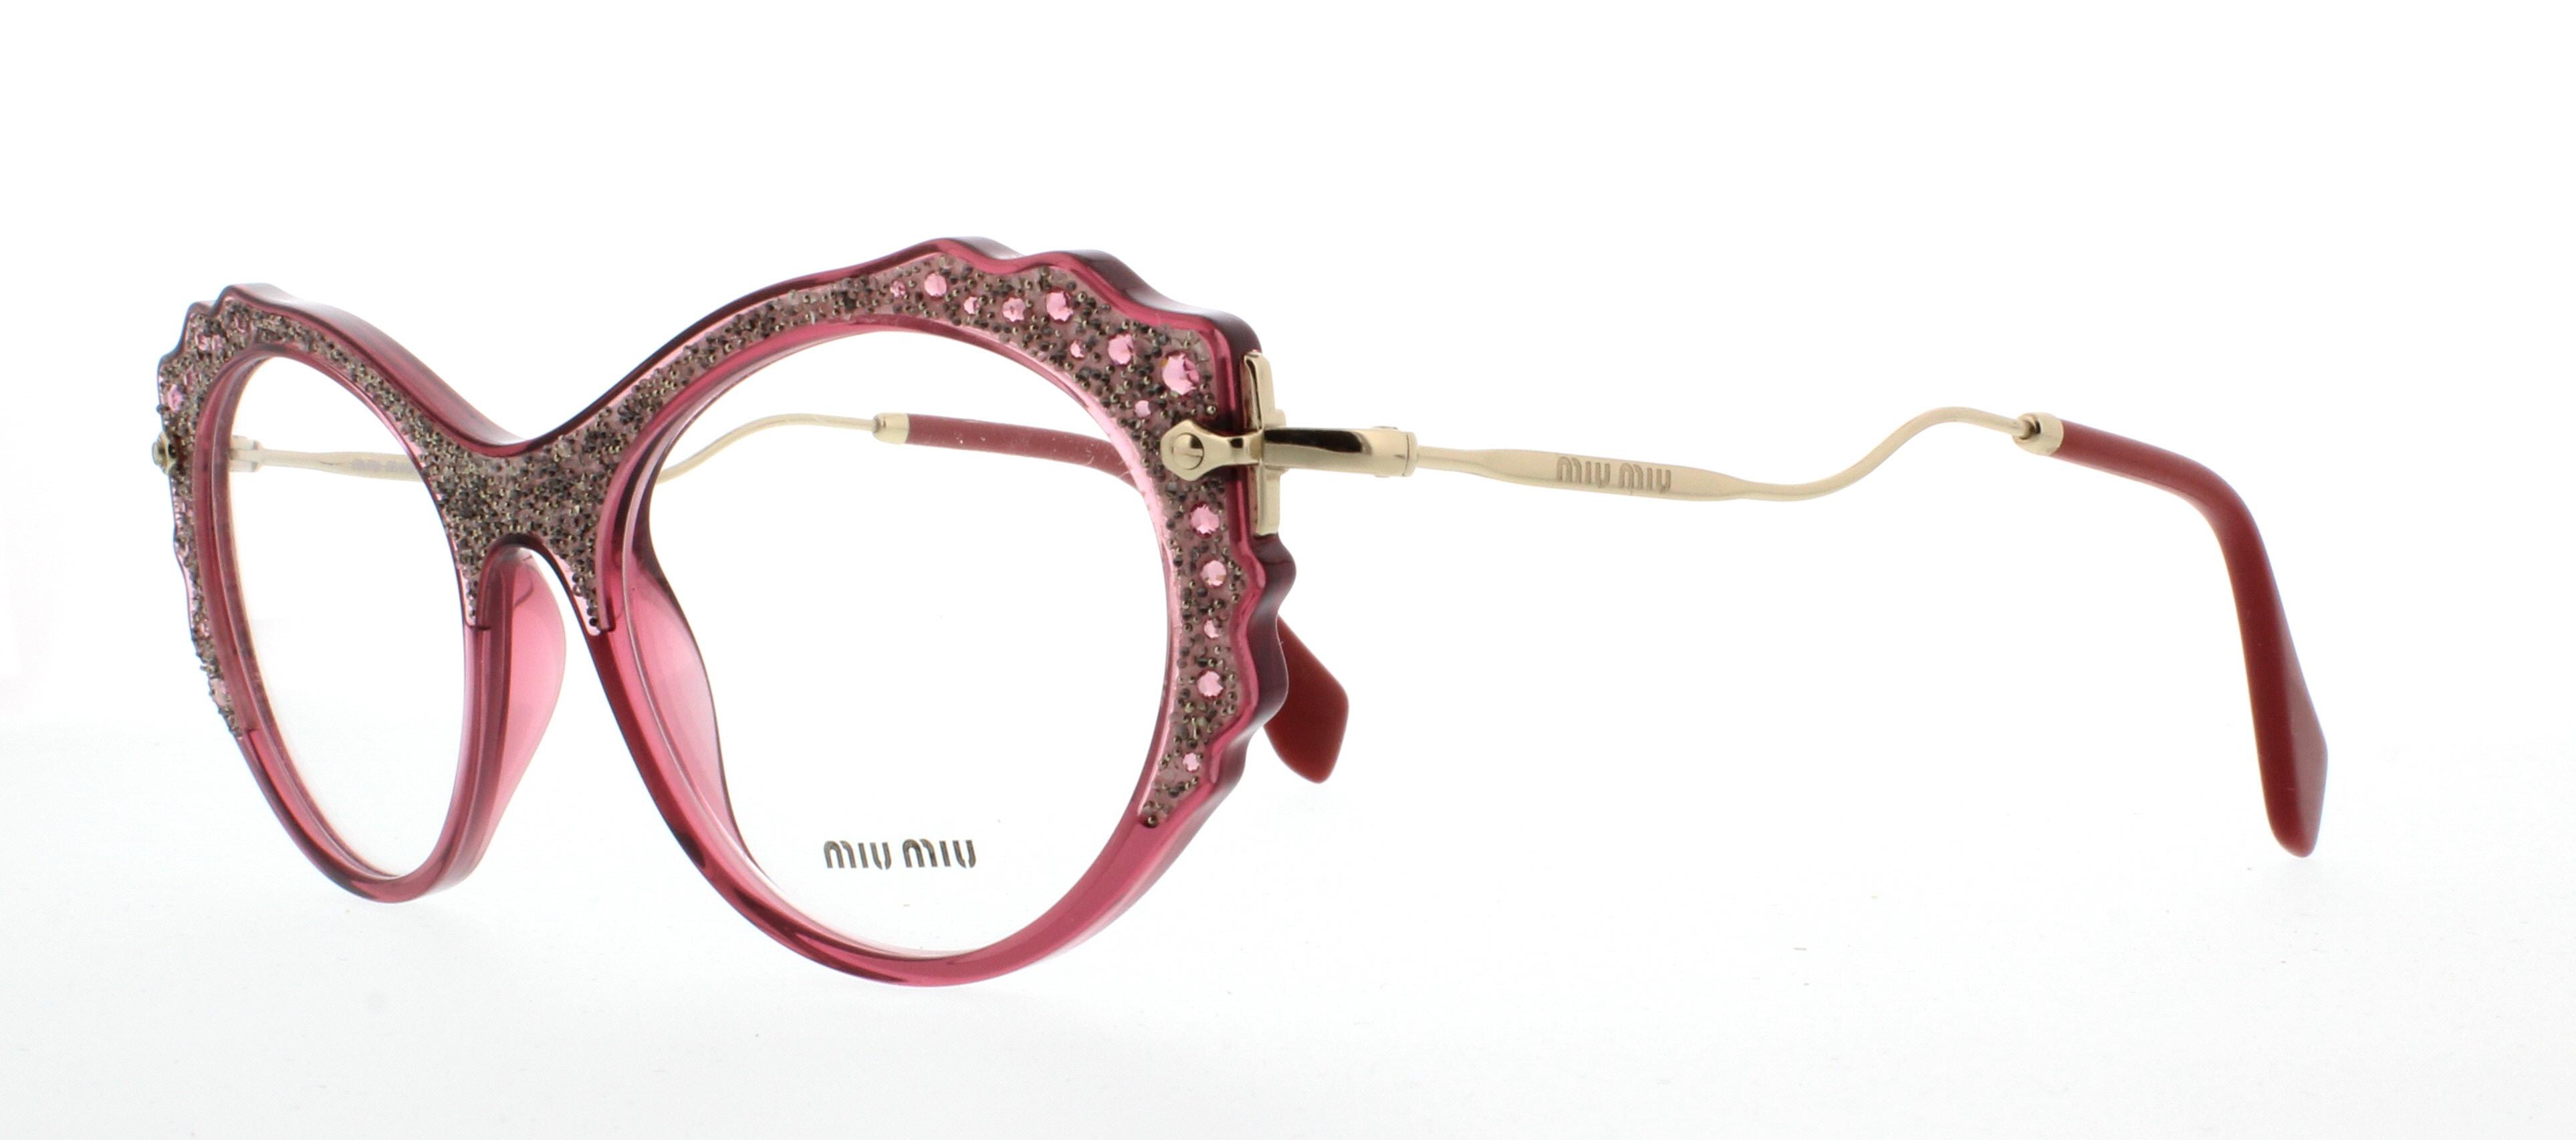 Occhiali da Vista Miu Miu MU01PV USU1O1 PPQQ4As